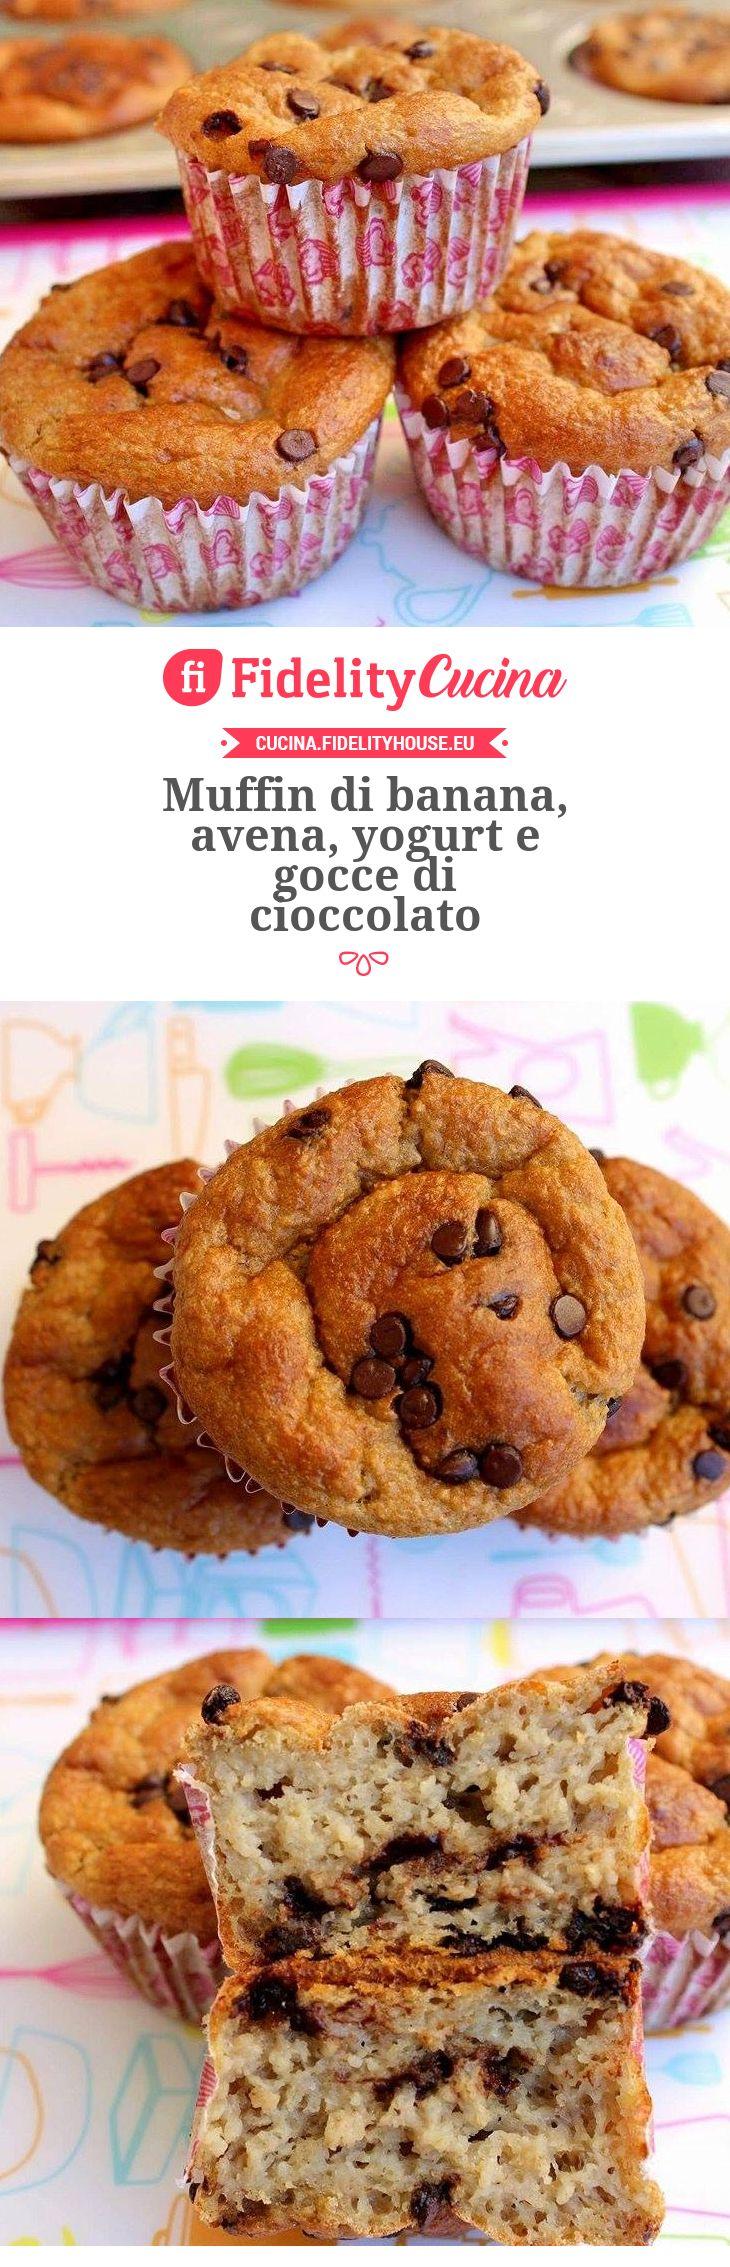 Muffin di banana, avena, yogurt e gocce di cioccolato